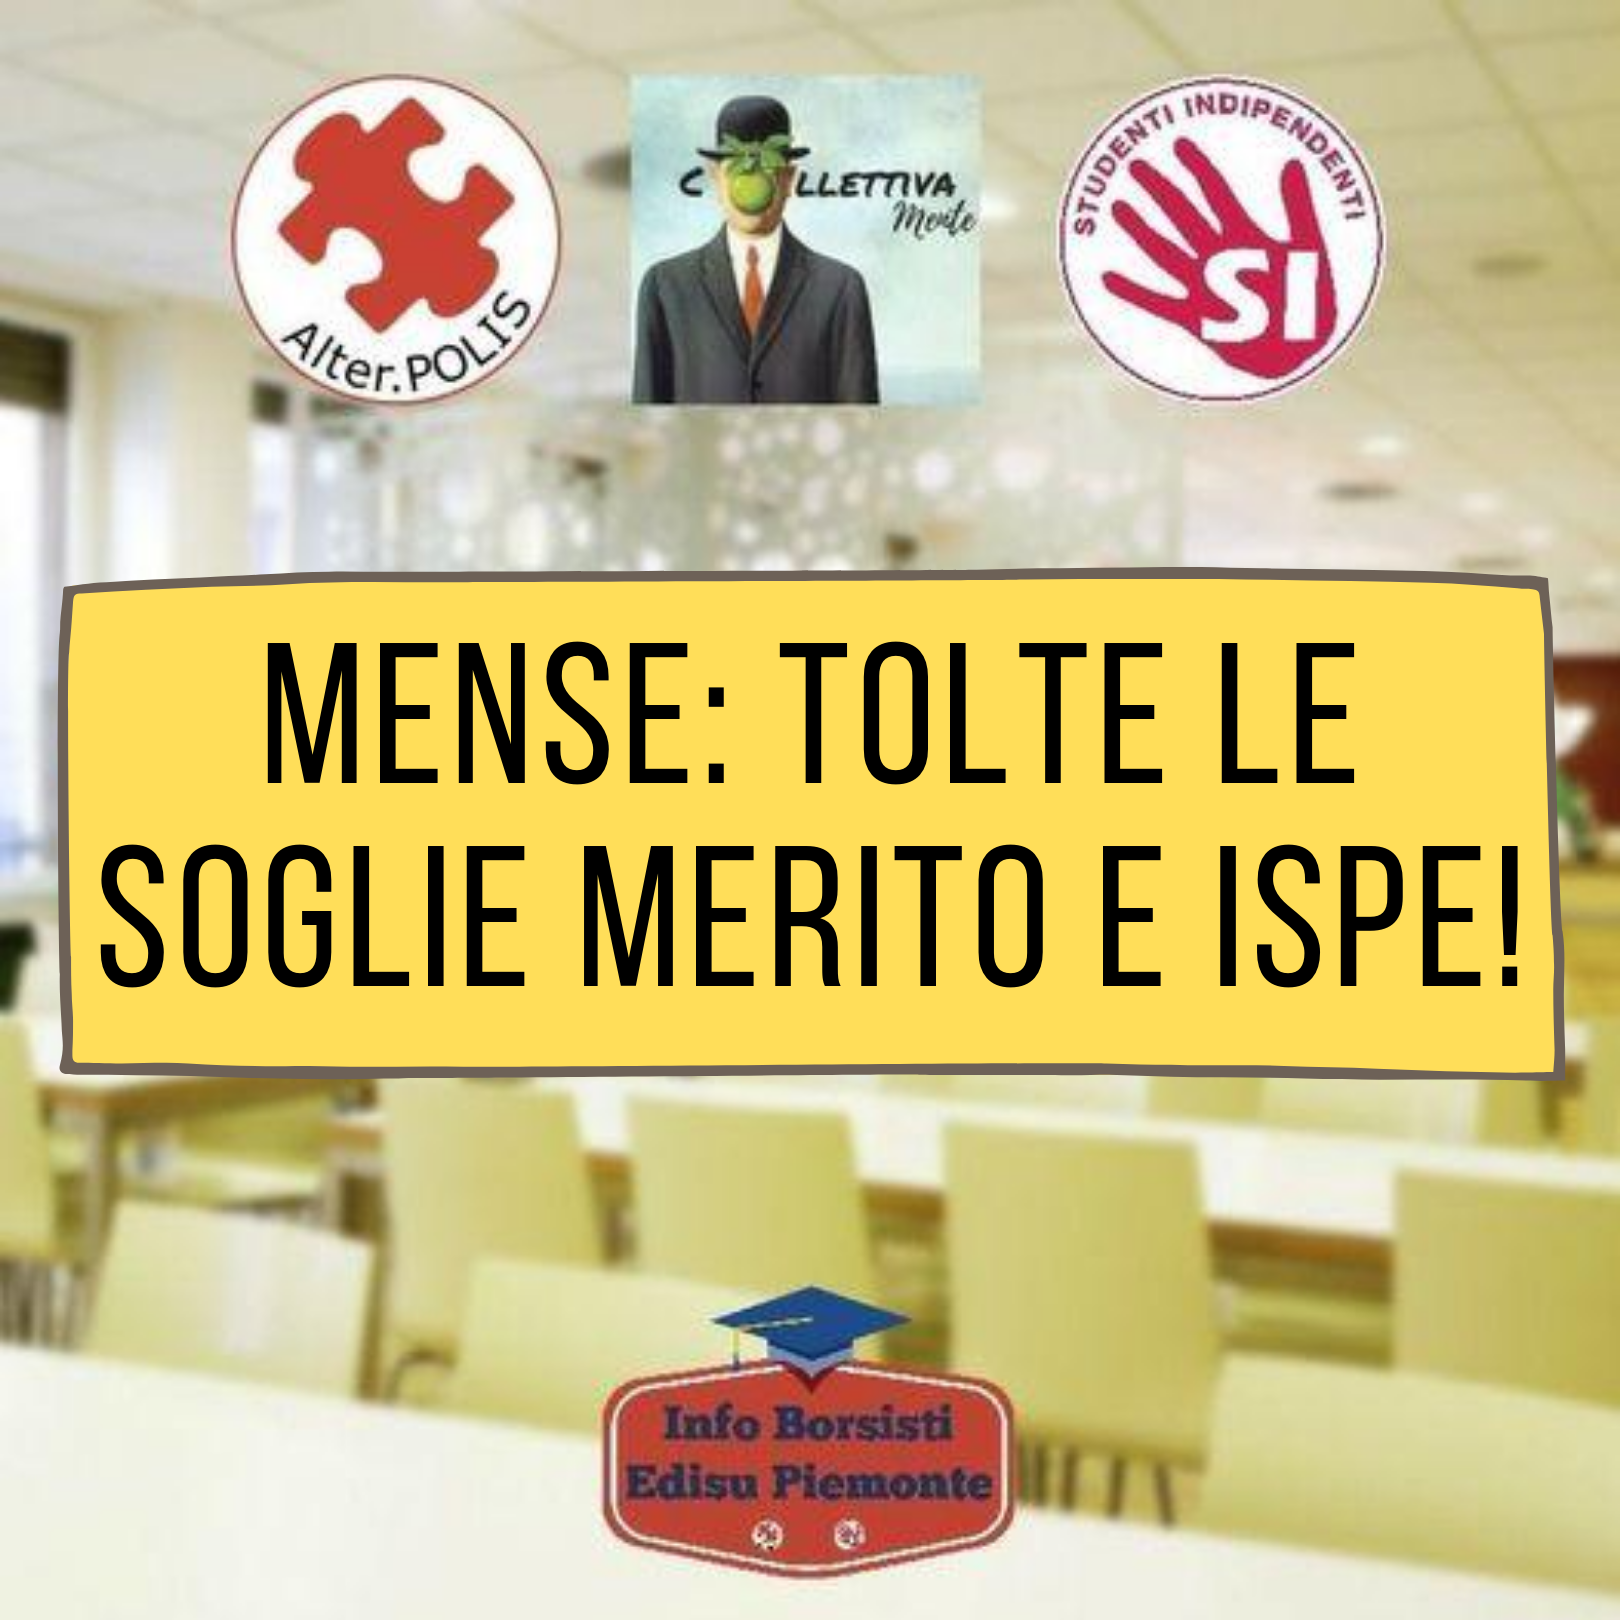 MENSE_ TOLTE LE SOGLIE DI MERITO E ISPE!